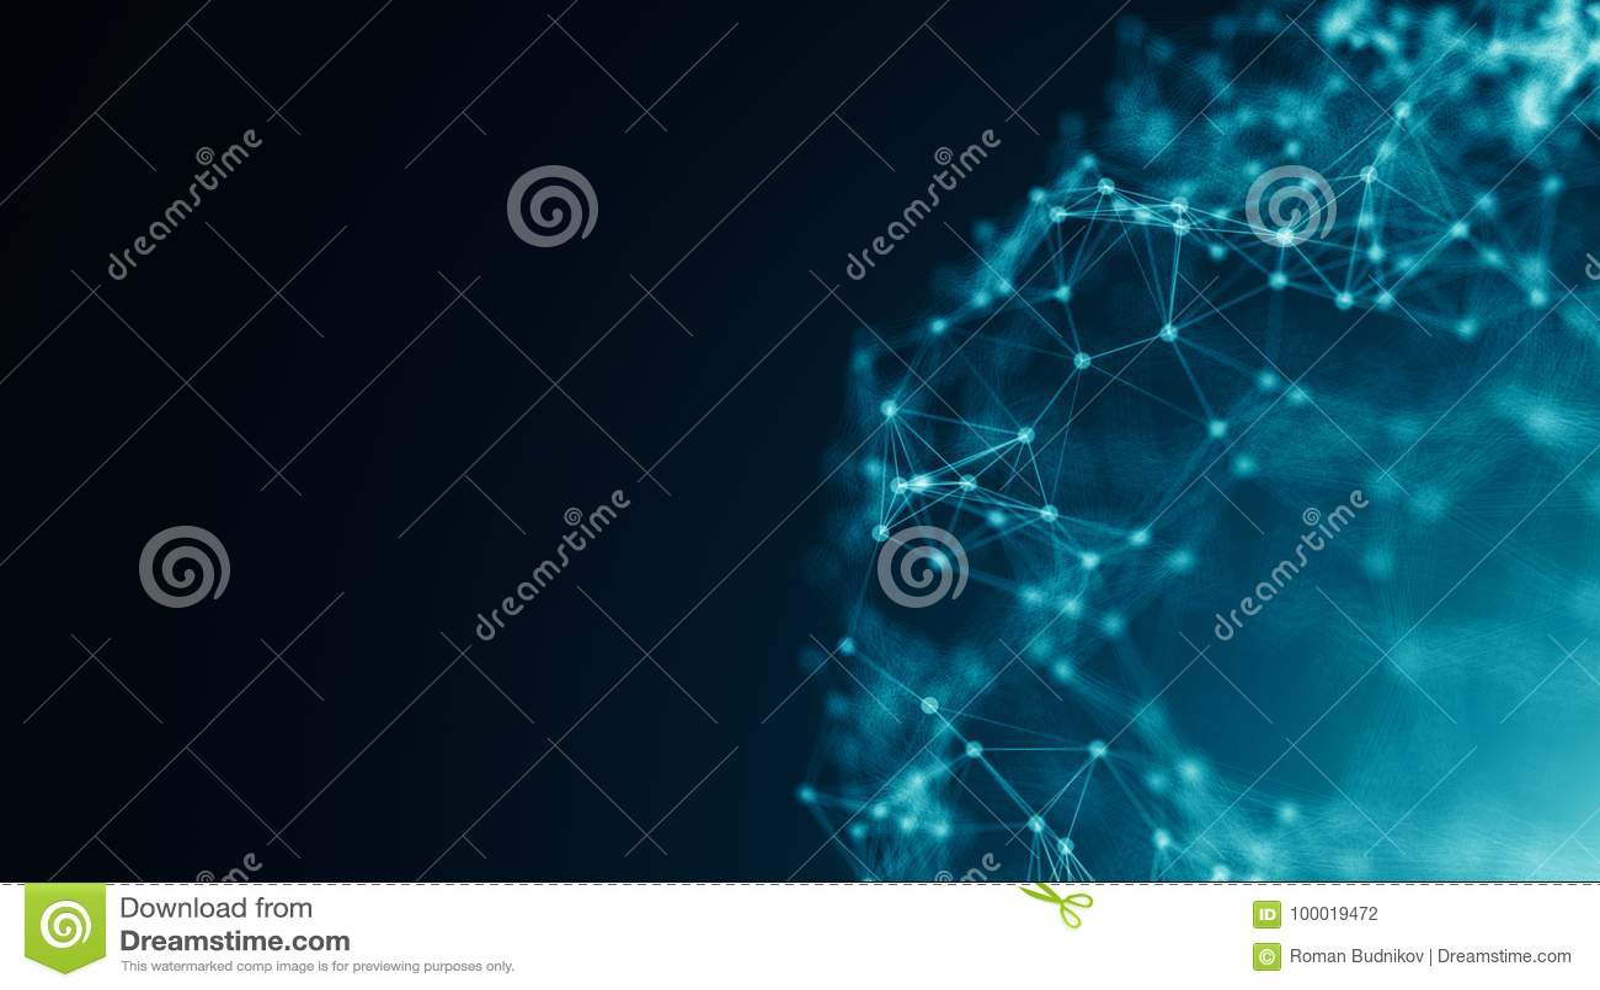 抽象连接小点 背景二进制代码地球电话行星技术 数字式图画蓝色题材 构思设计例证网络向量